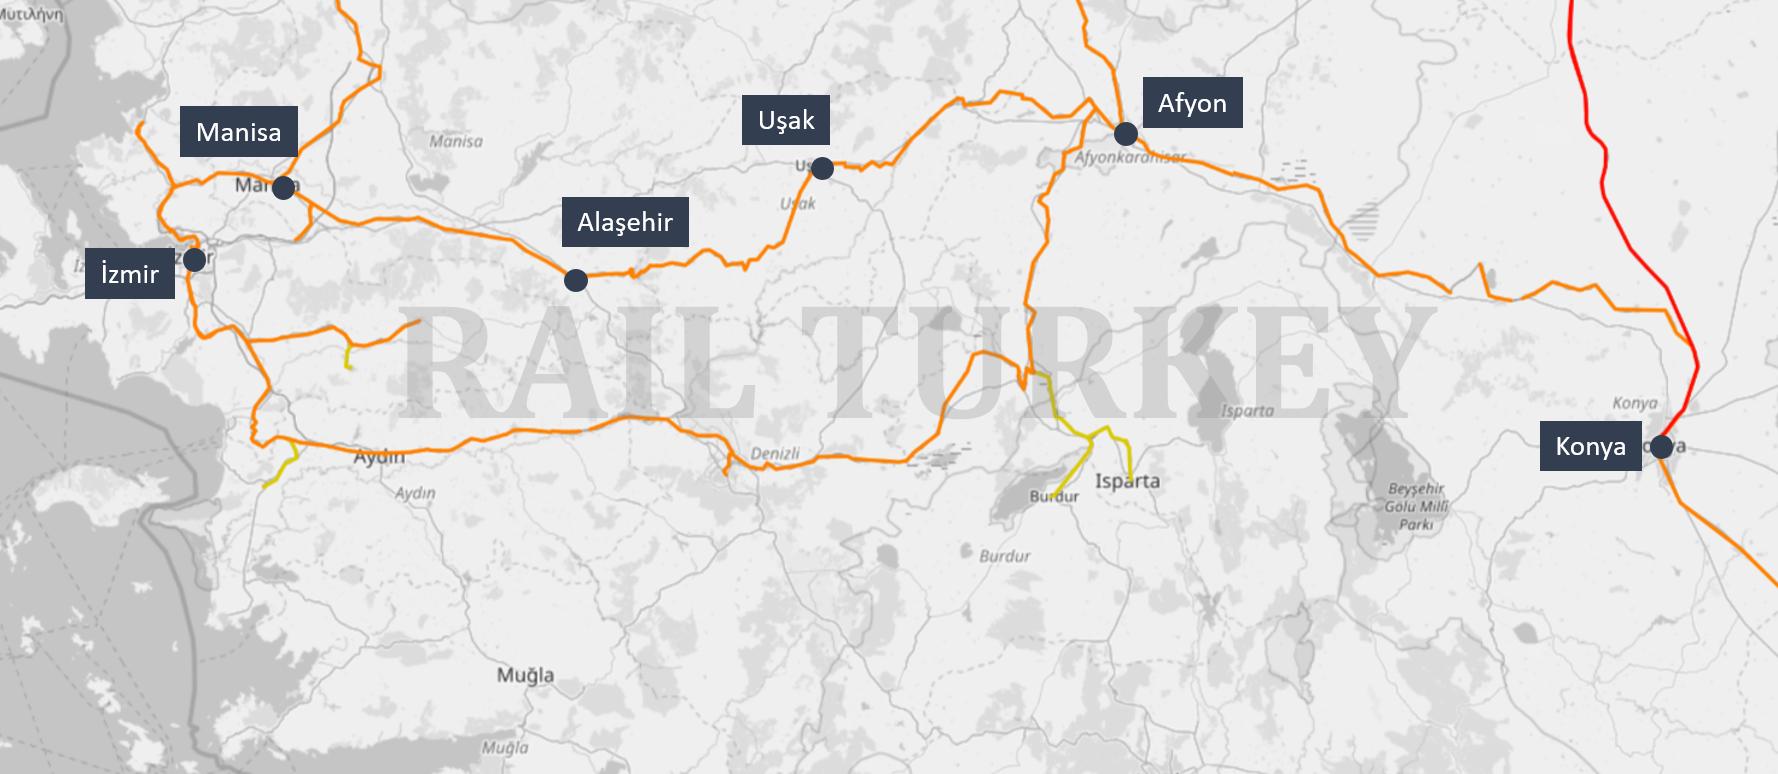 Konya Mavi route